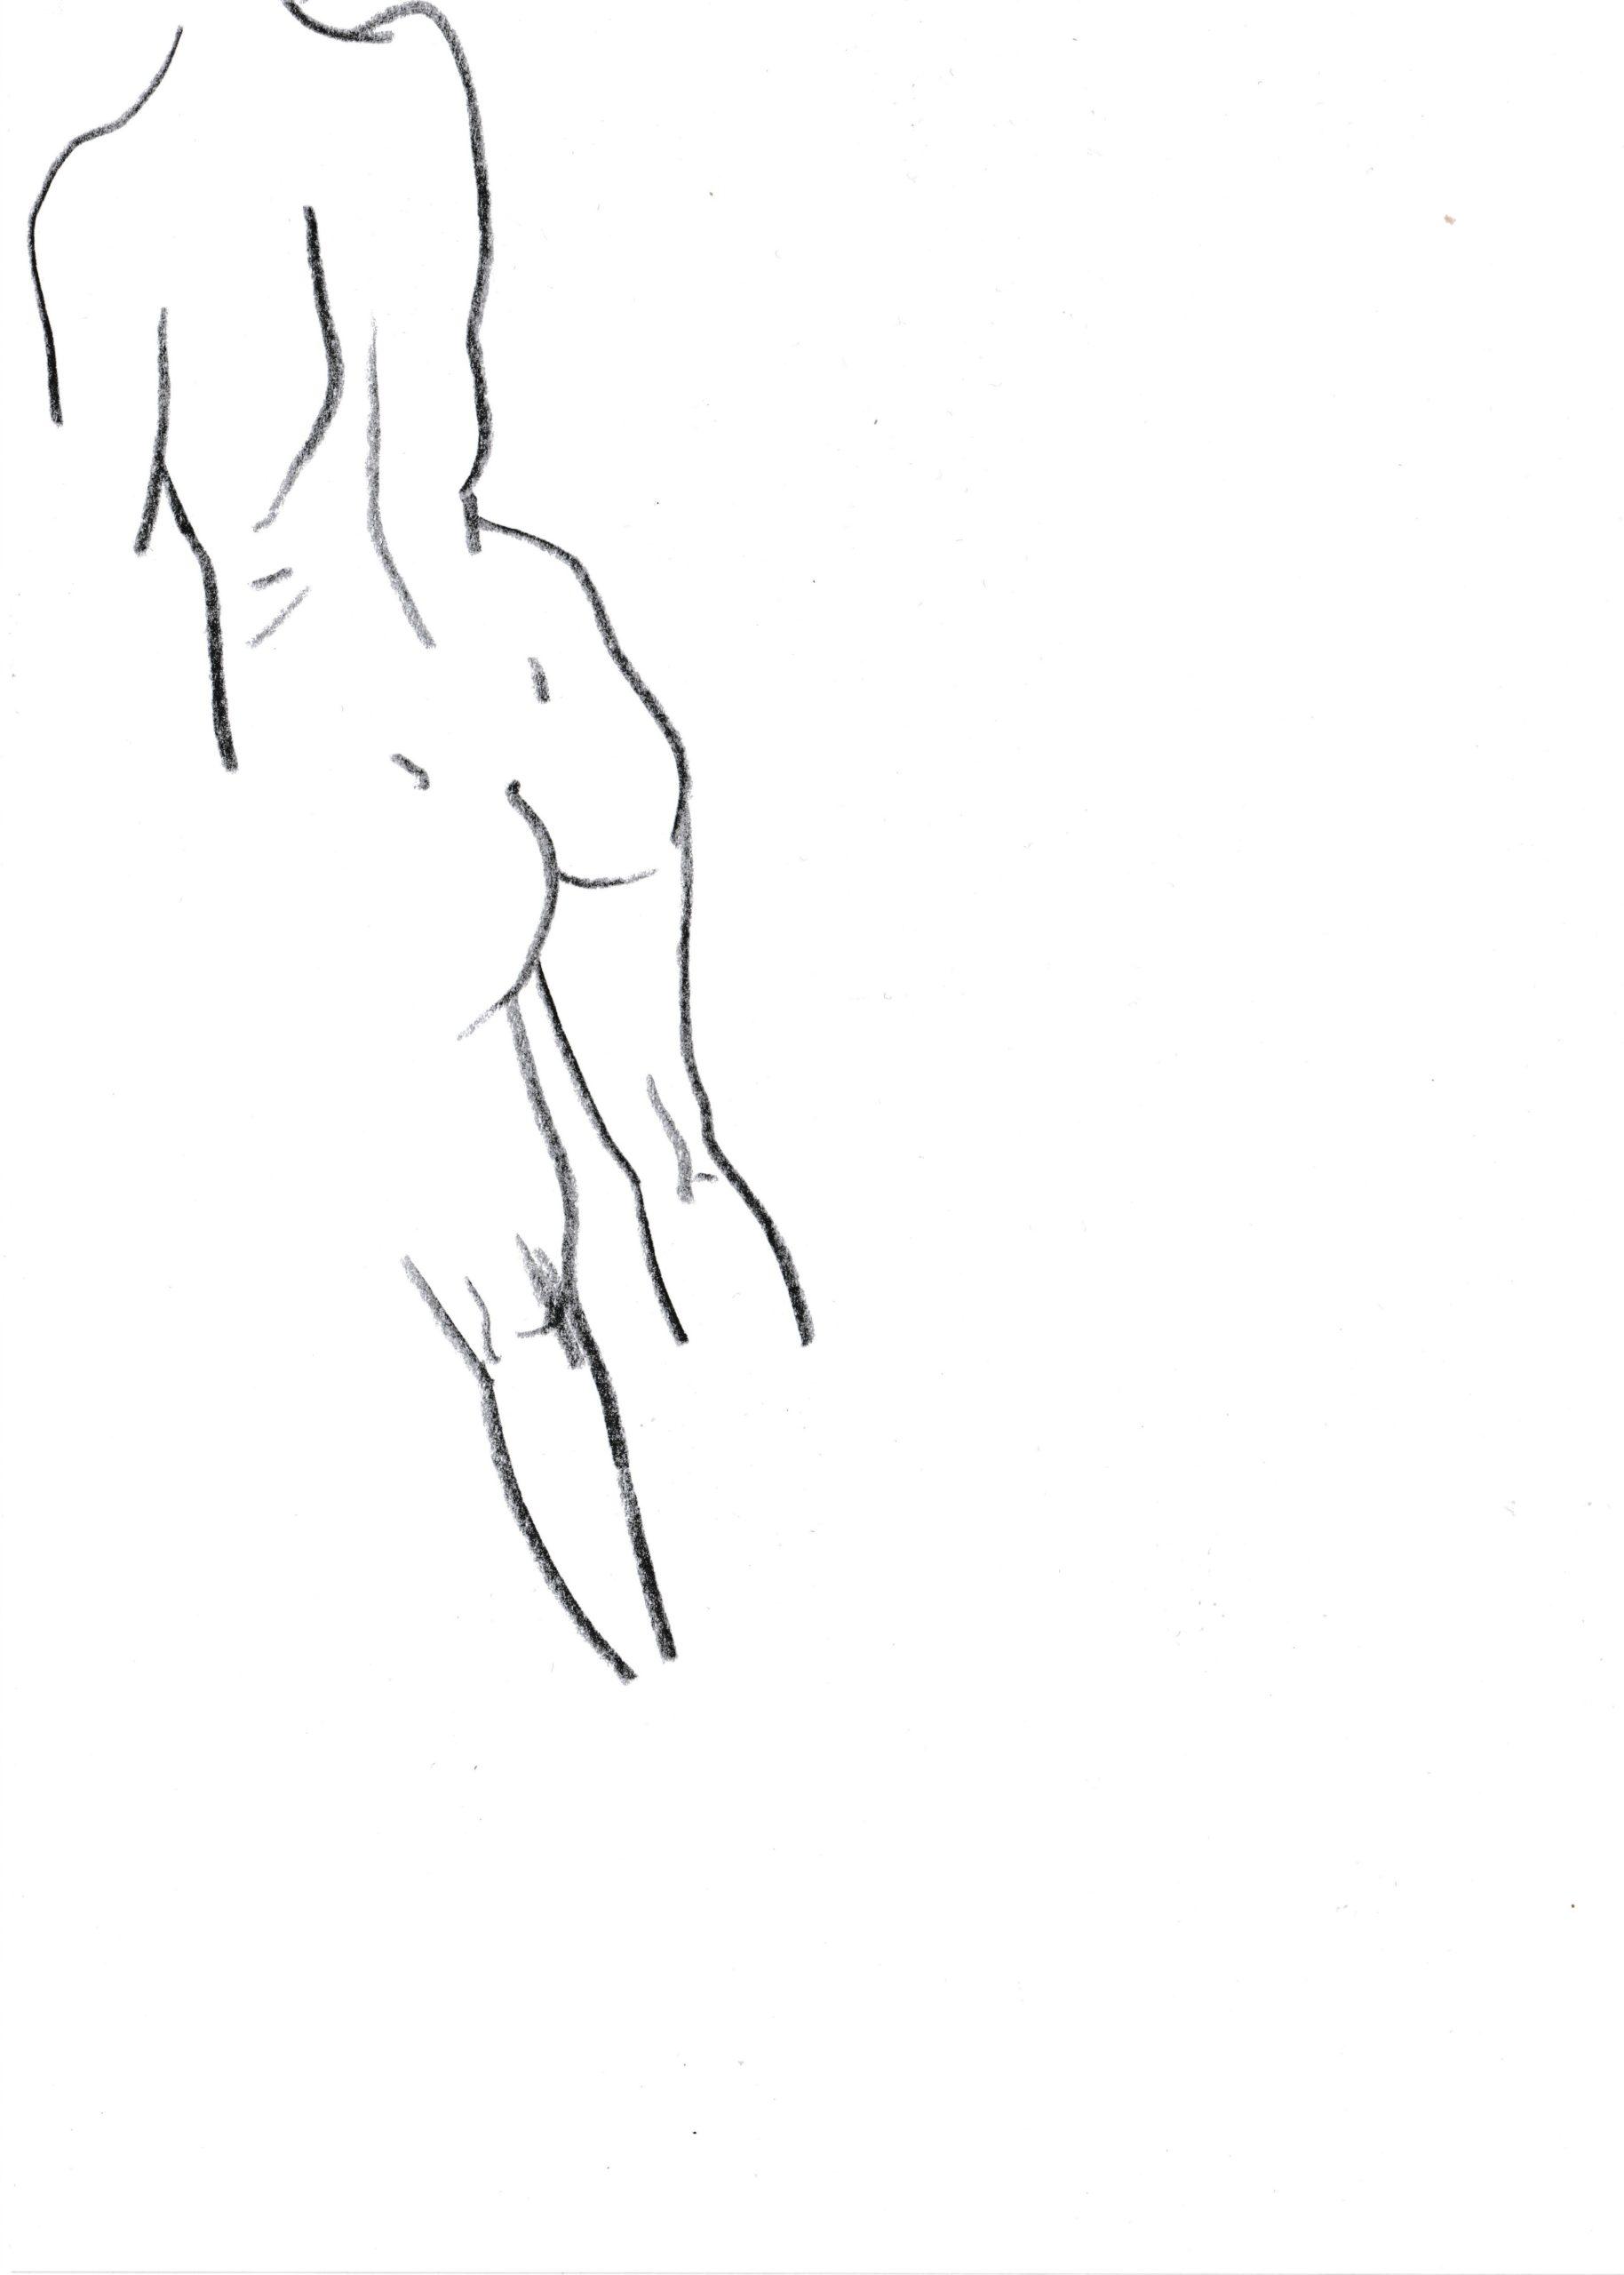 Anamnese 1, Bleistift auf Papier, DIN A5, 2020 by Melissa Hermann